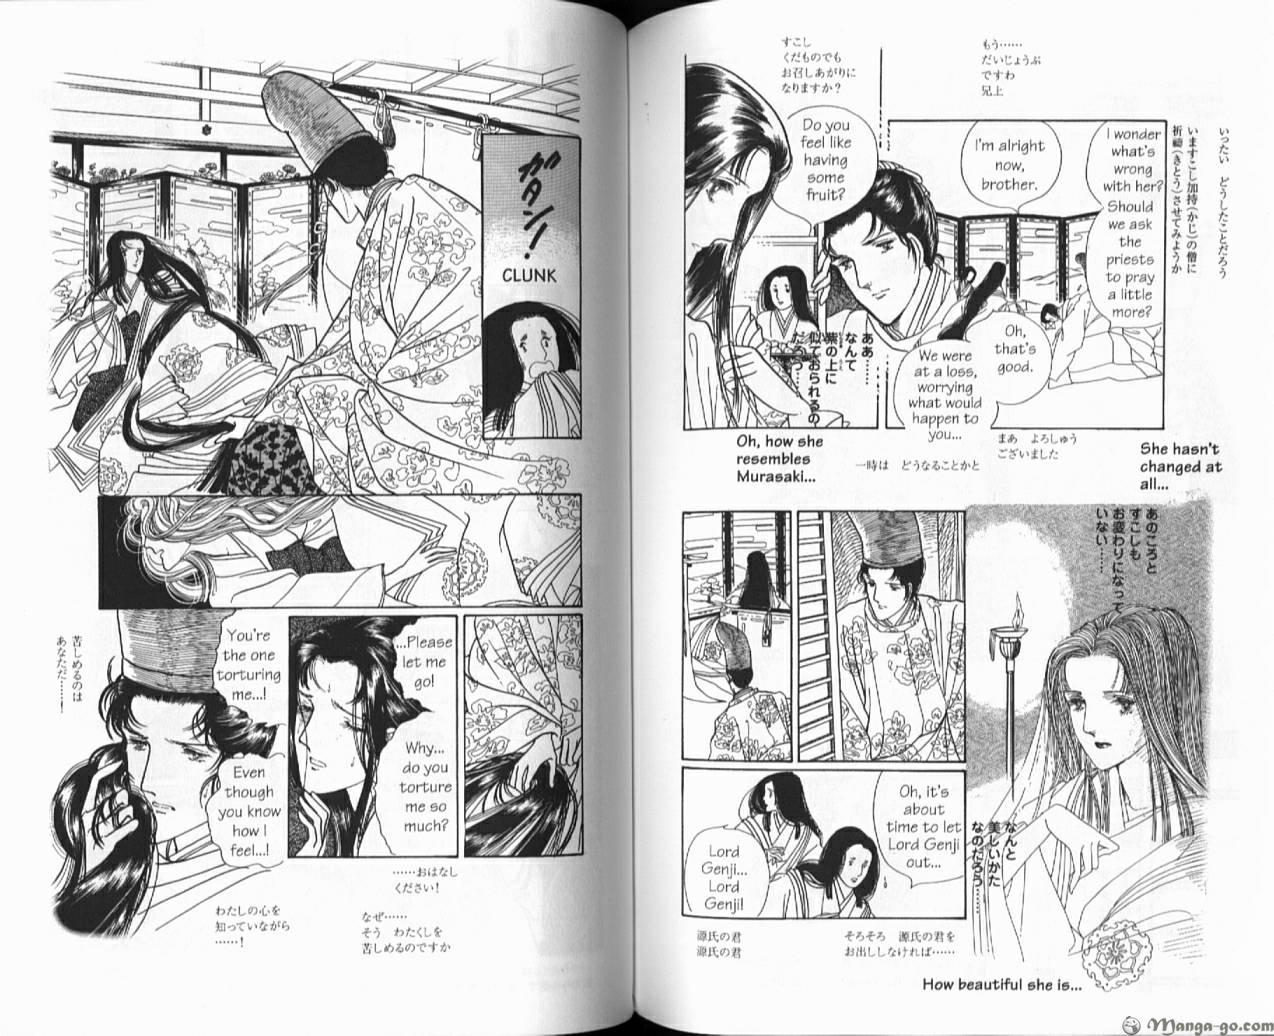 manga genji Kuro genji monogatari manga ,\ manga casa original  etooo nozomi me llamo la atencion la historia y la portada pero el manga no corresponde a lo expuesto.